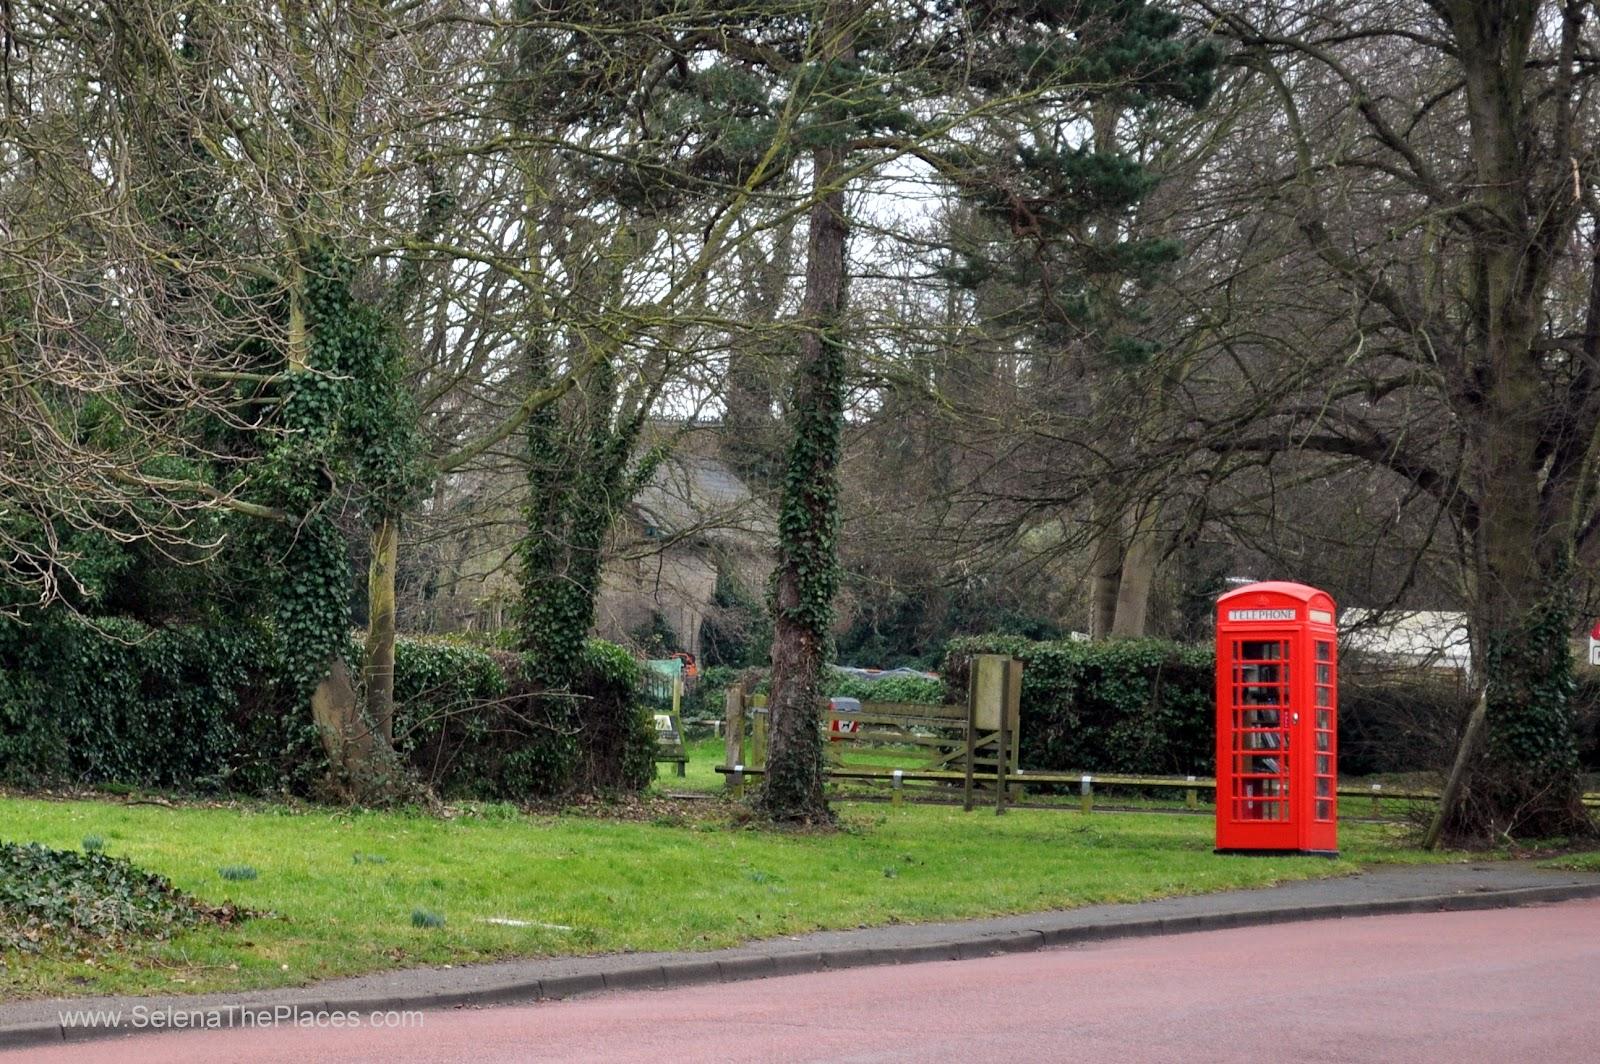 Horningsea, England